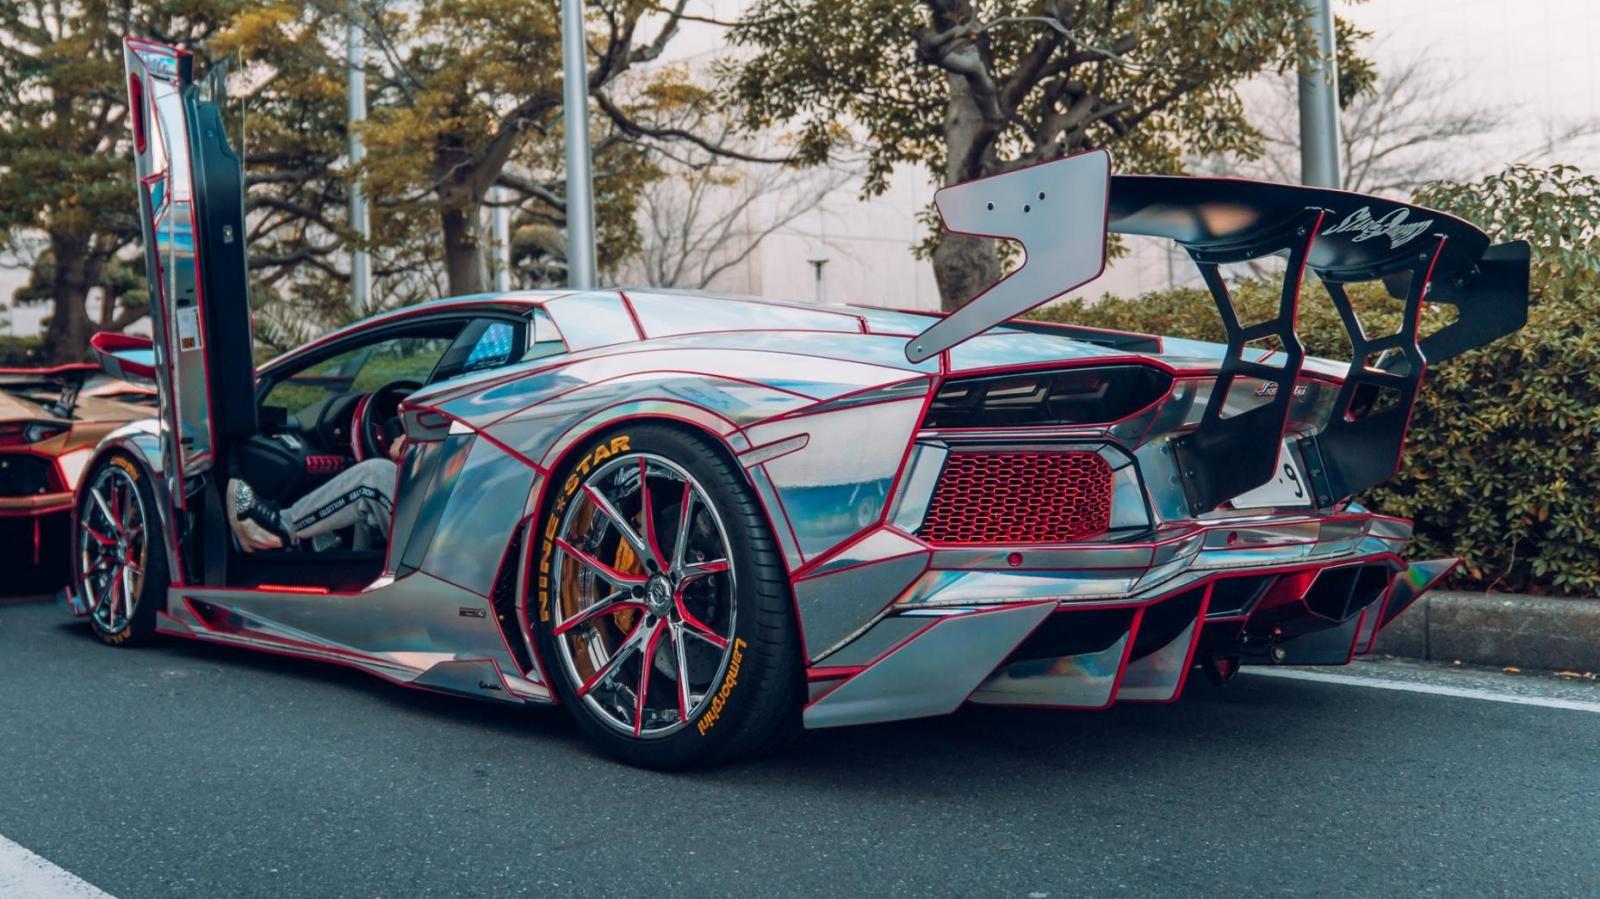 Rớt hàm trước những chiếc xế độ điên rồ nhất Tokyo Auto Salon 2020 - 30